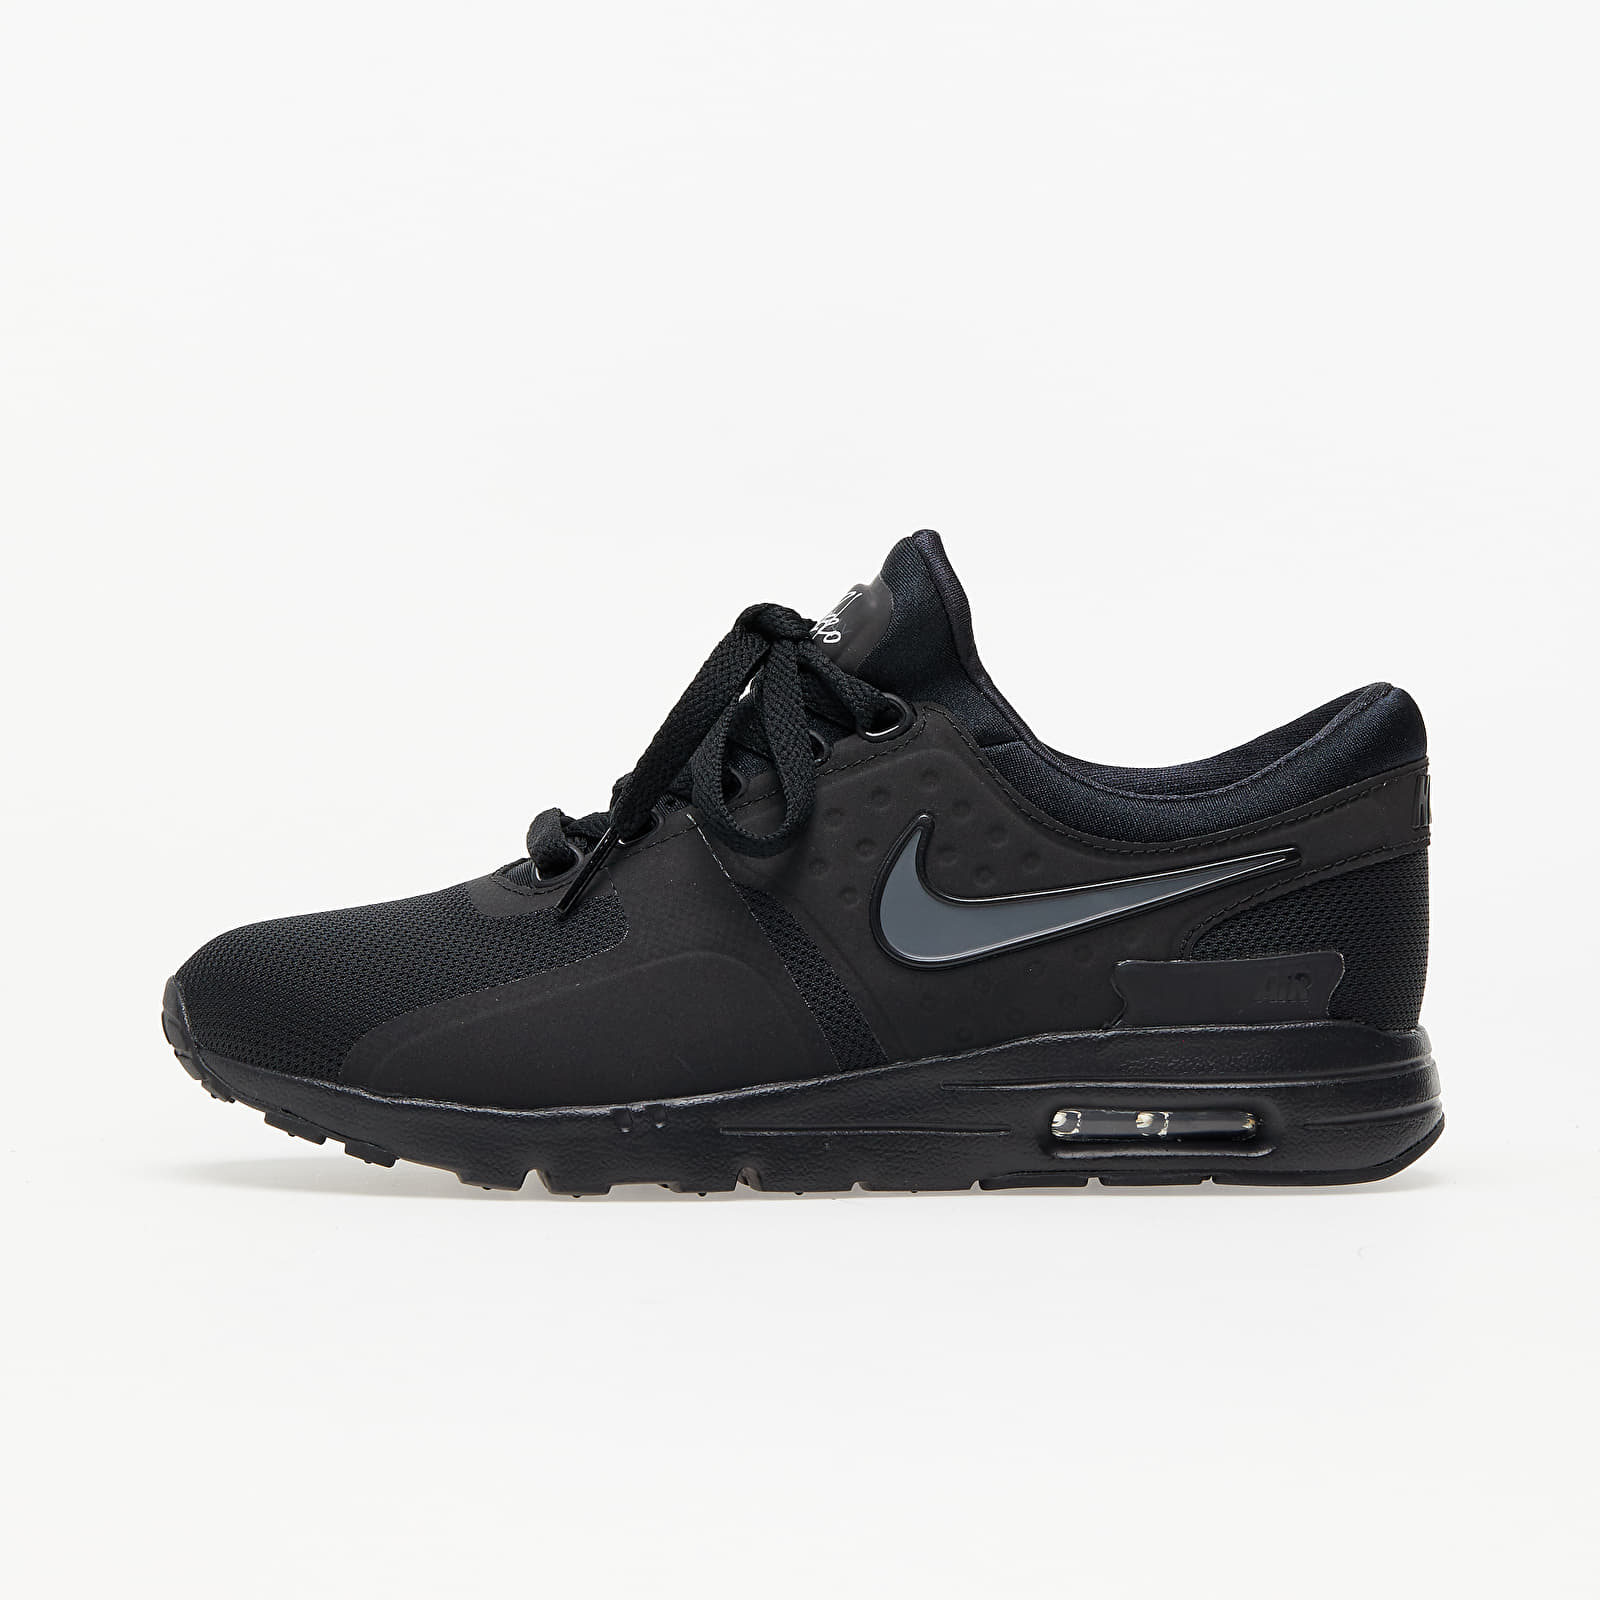 Chaussures et baskets femme Nike W Air Max Zero Black/ Black-Dark Grey-White